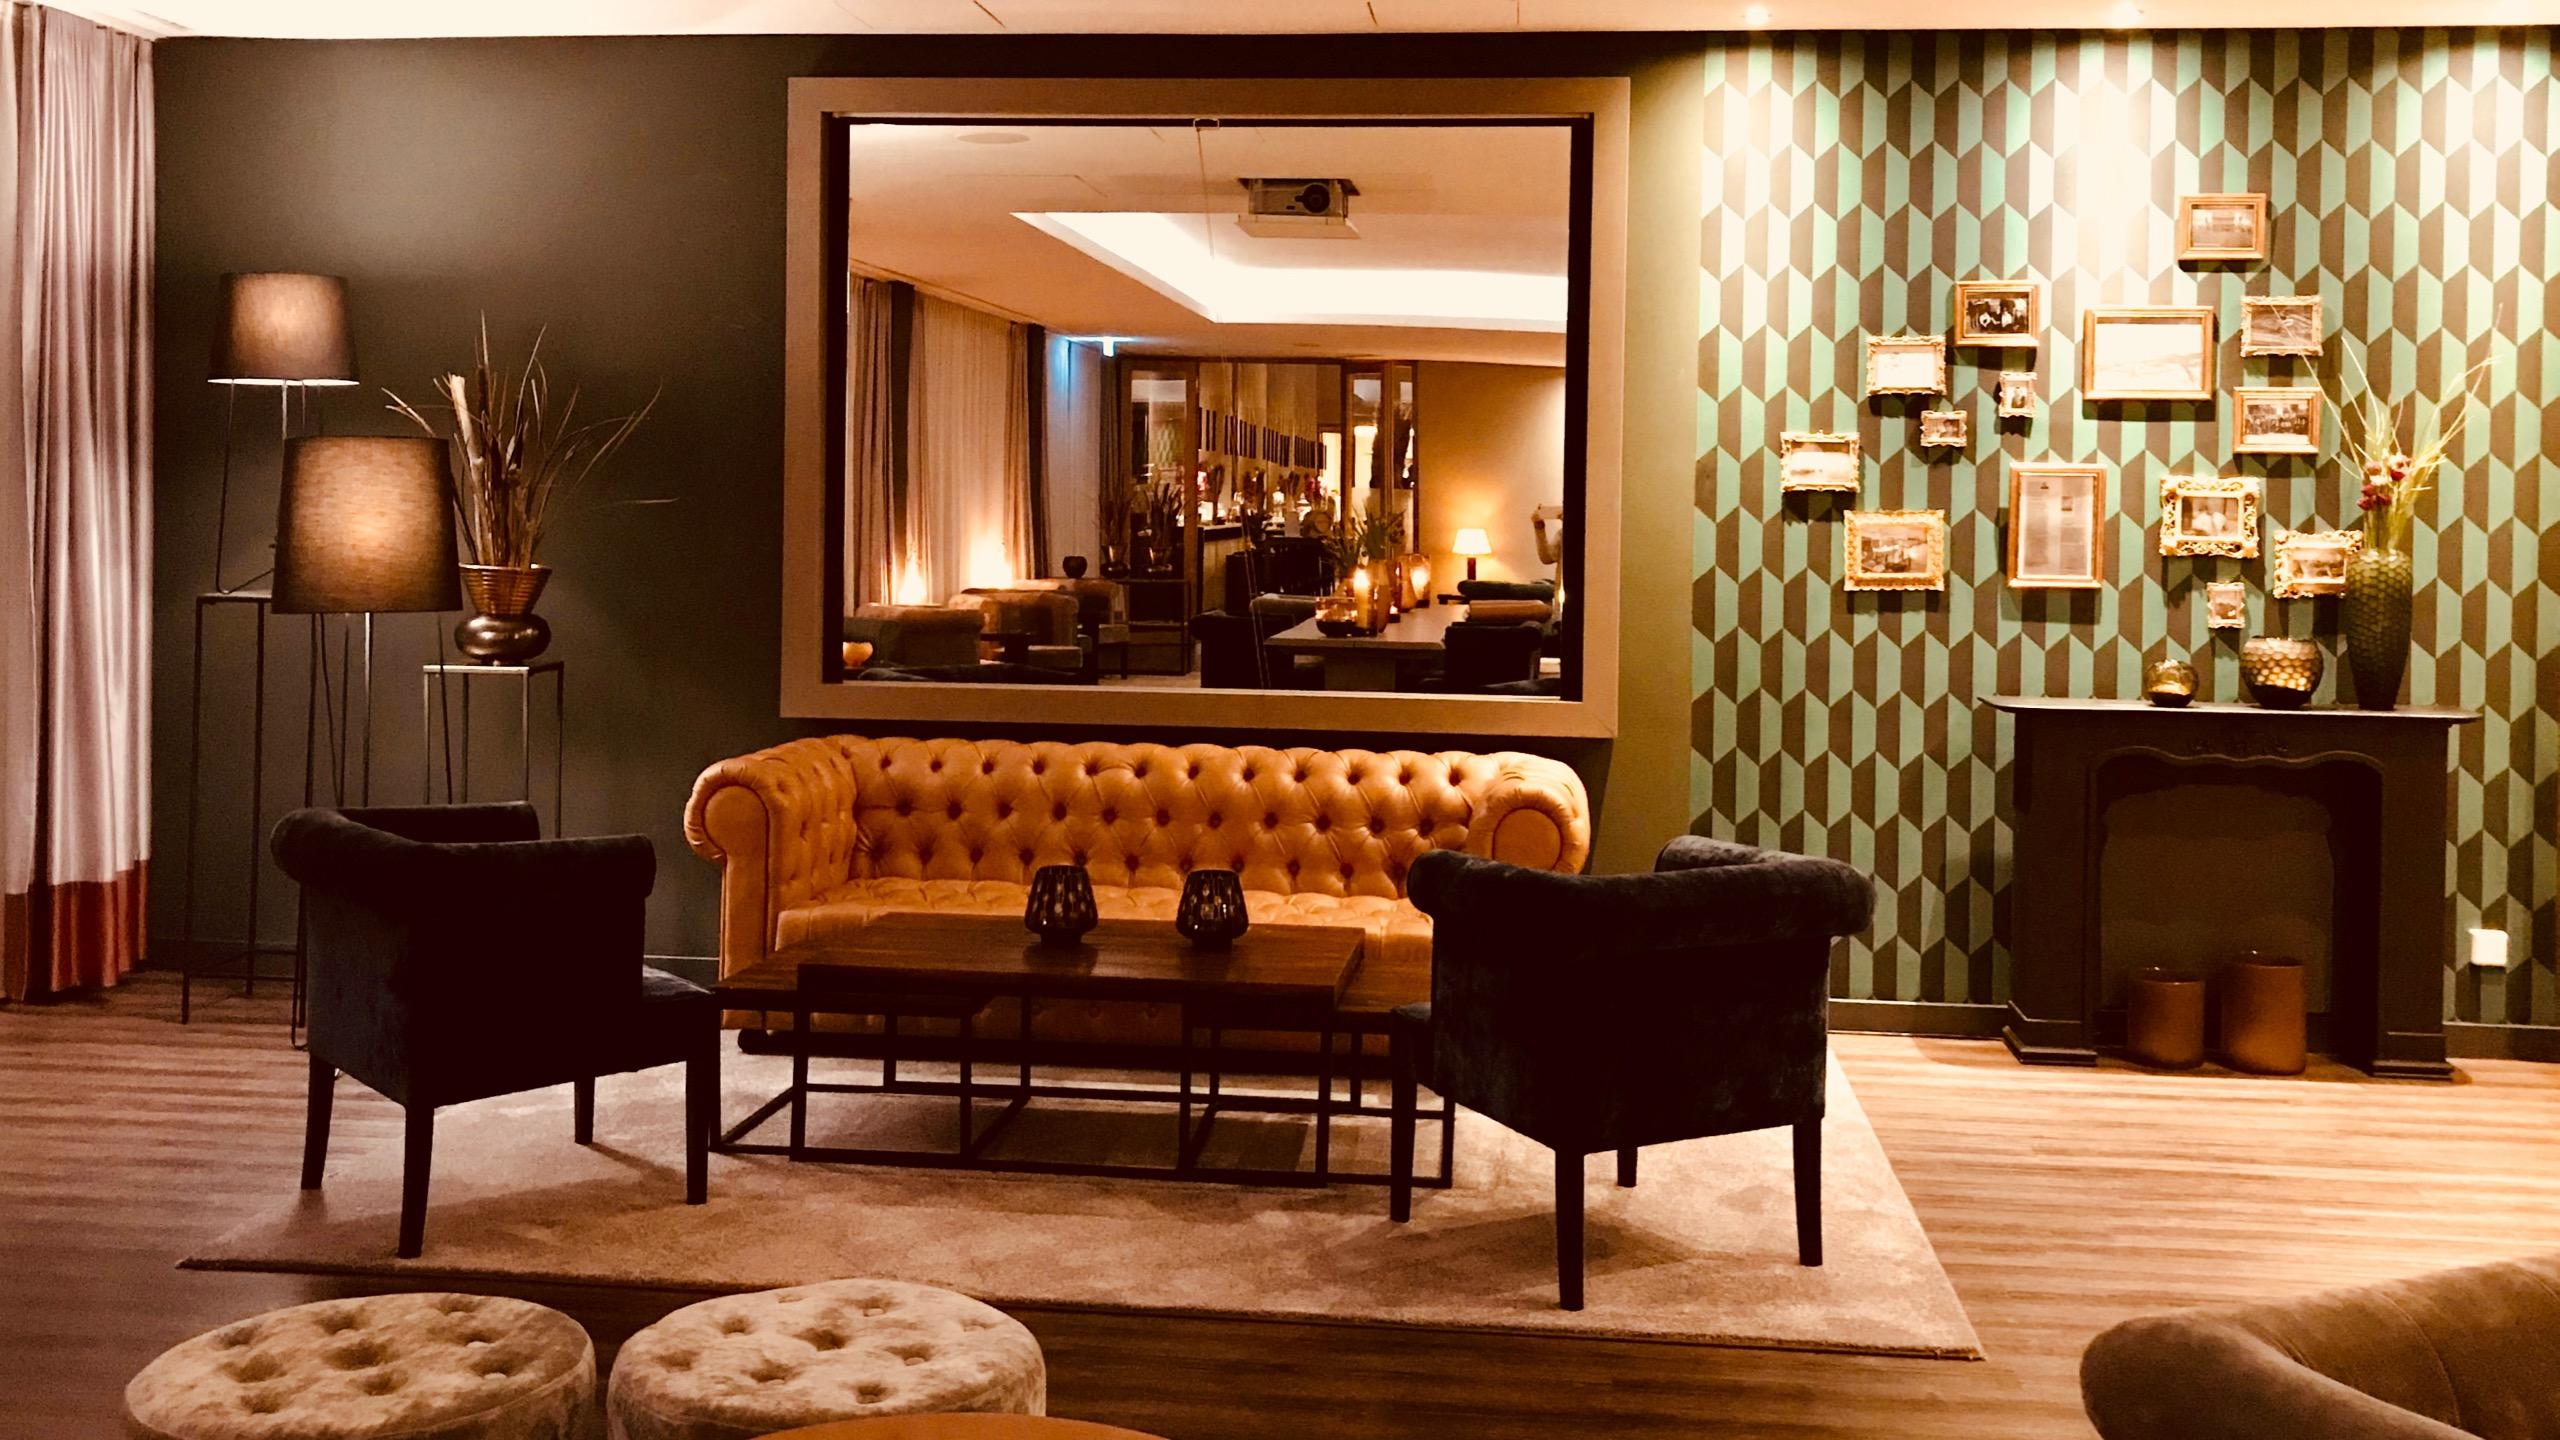 Sylt A-ROSA Hotel Negroni Bar